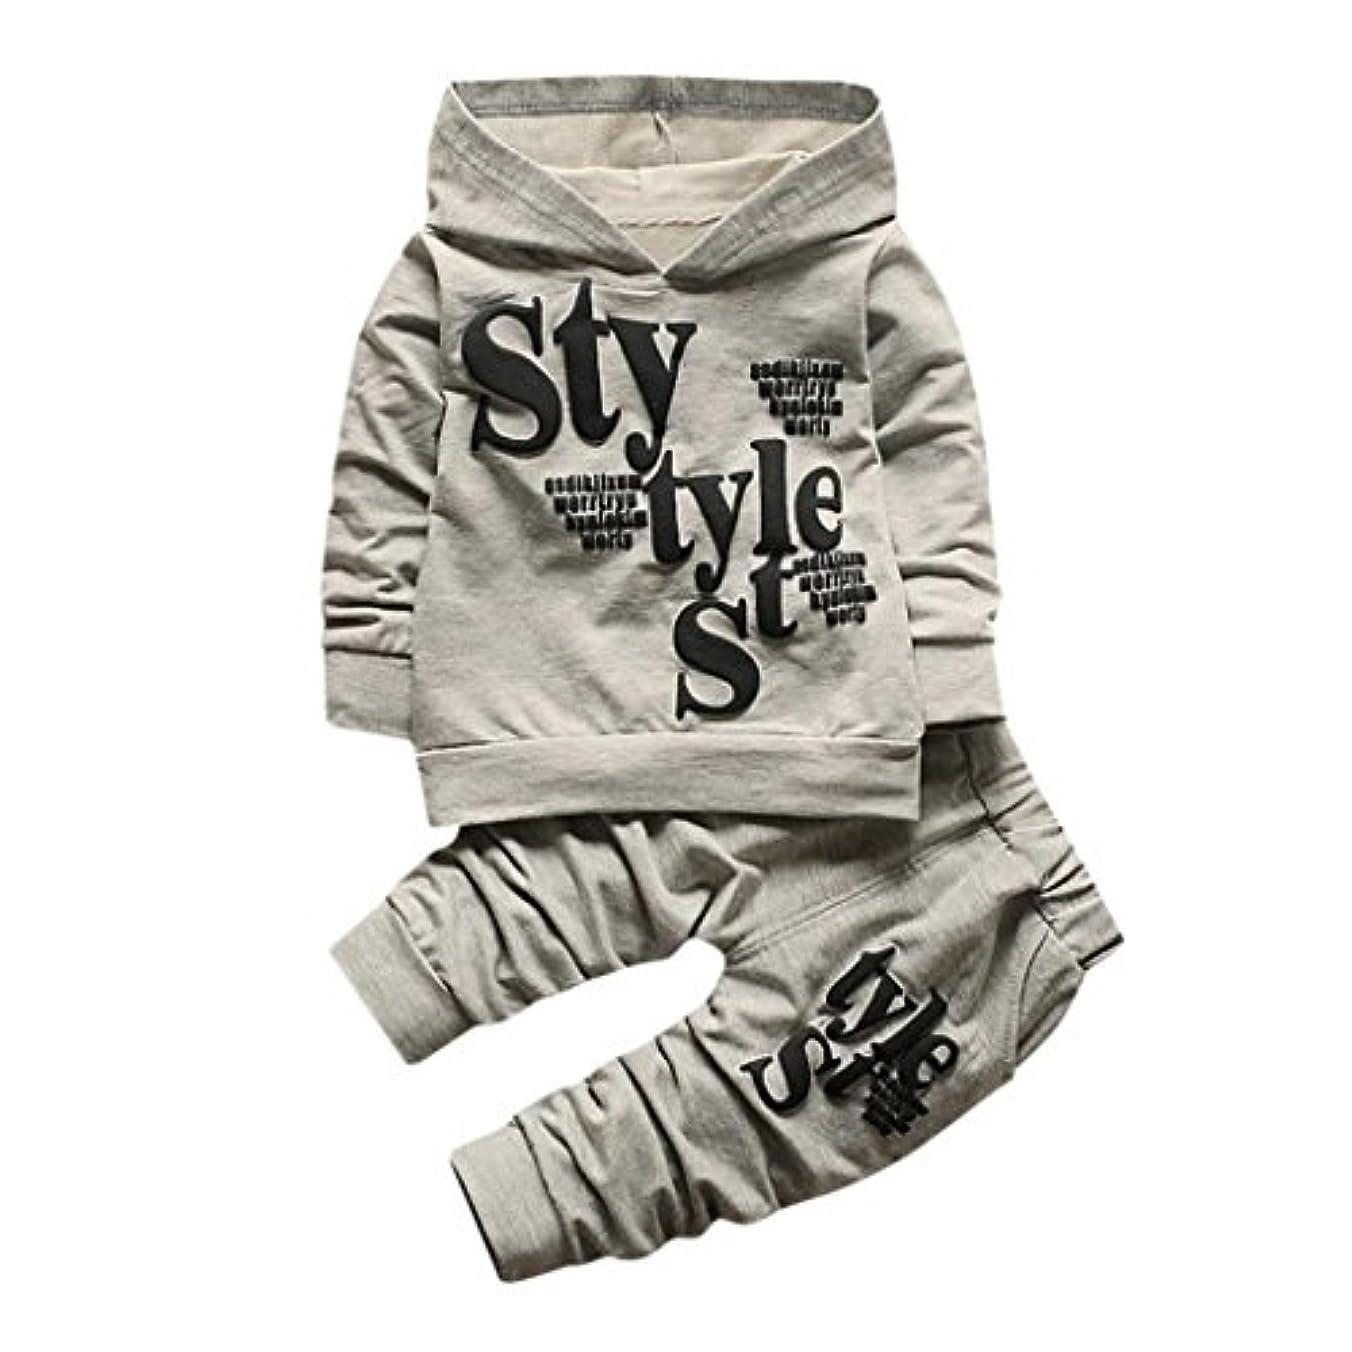 パーカー+ズボン Tシャツ スウェット 子供服 赤ちゃん服 上着+パンツ2点セット かっこいい ベビー服 ロンパース カバーオール 男の子 女の子 ファッション